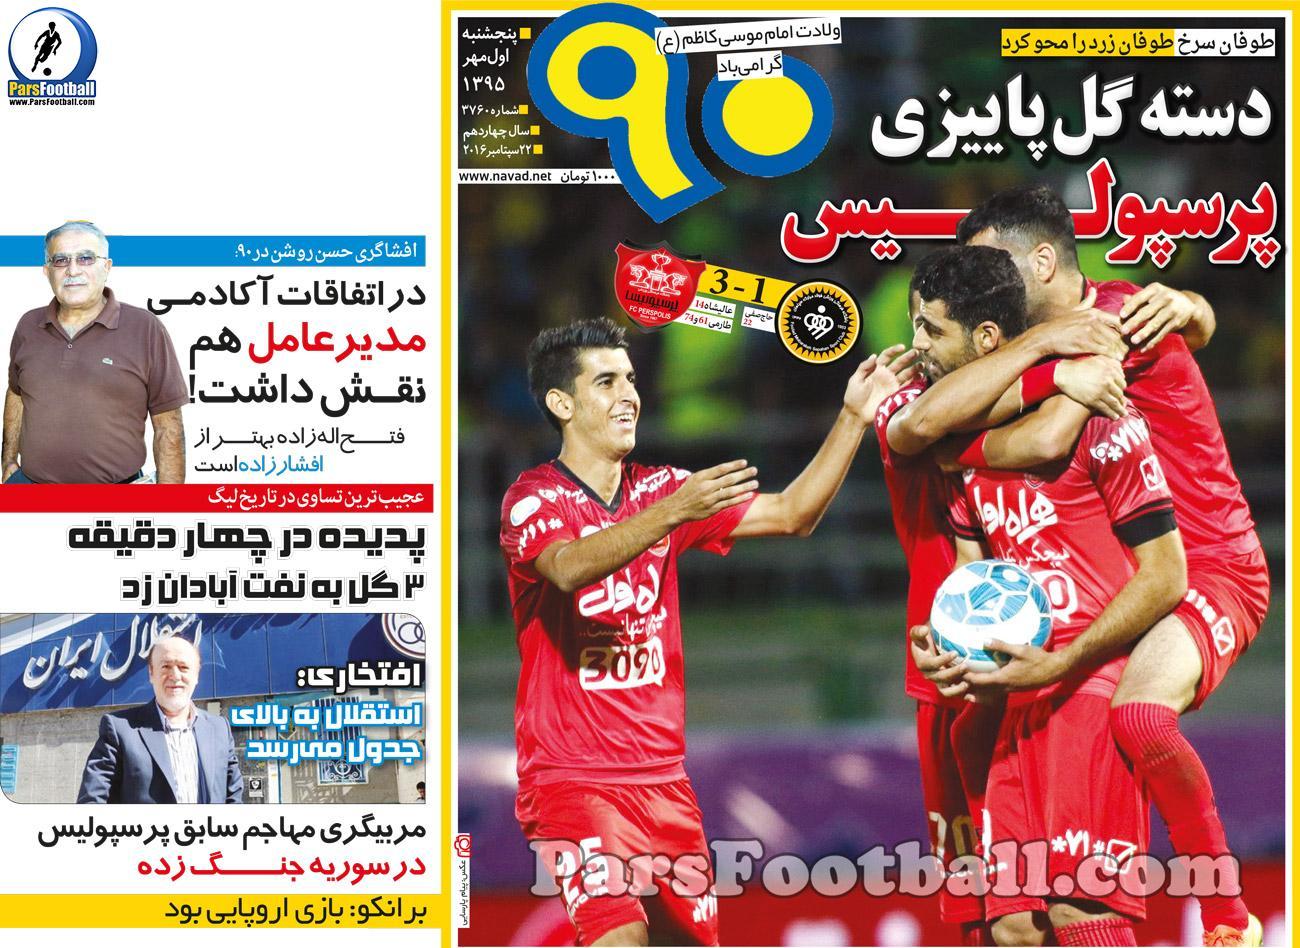 روزنامه نود پنجشنبه 1 مهر ۹۵